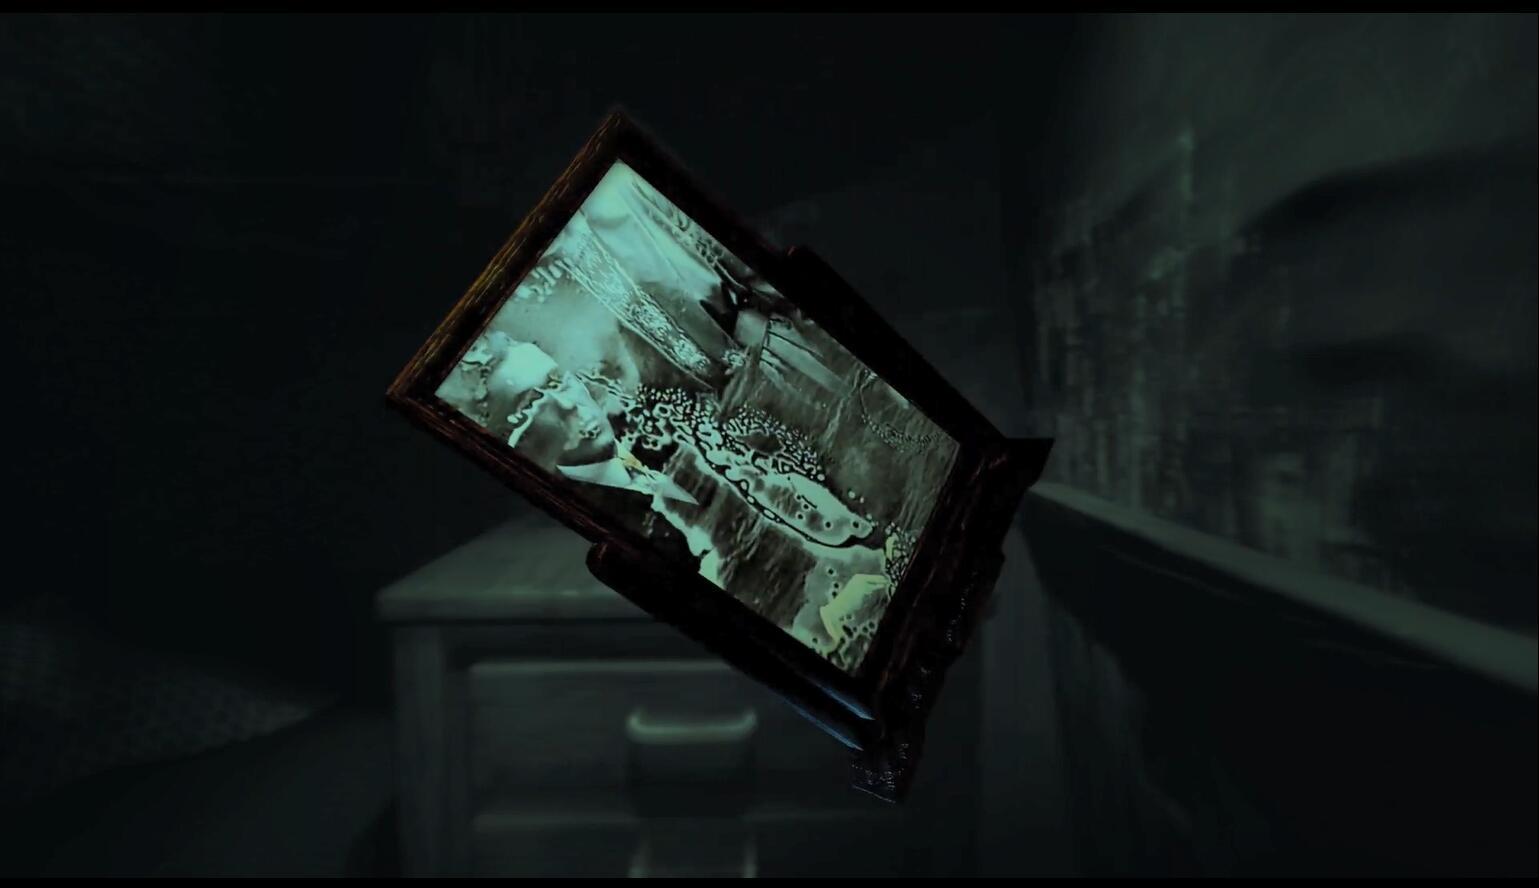 《层层恐惧2》实机演示 恶魔之唇吐露出的恐怖真相